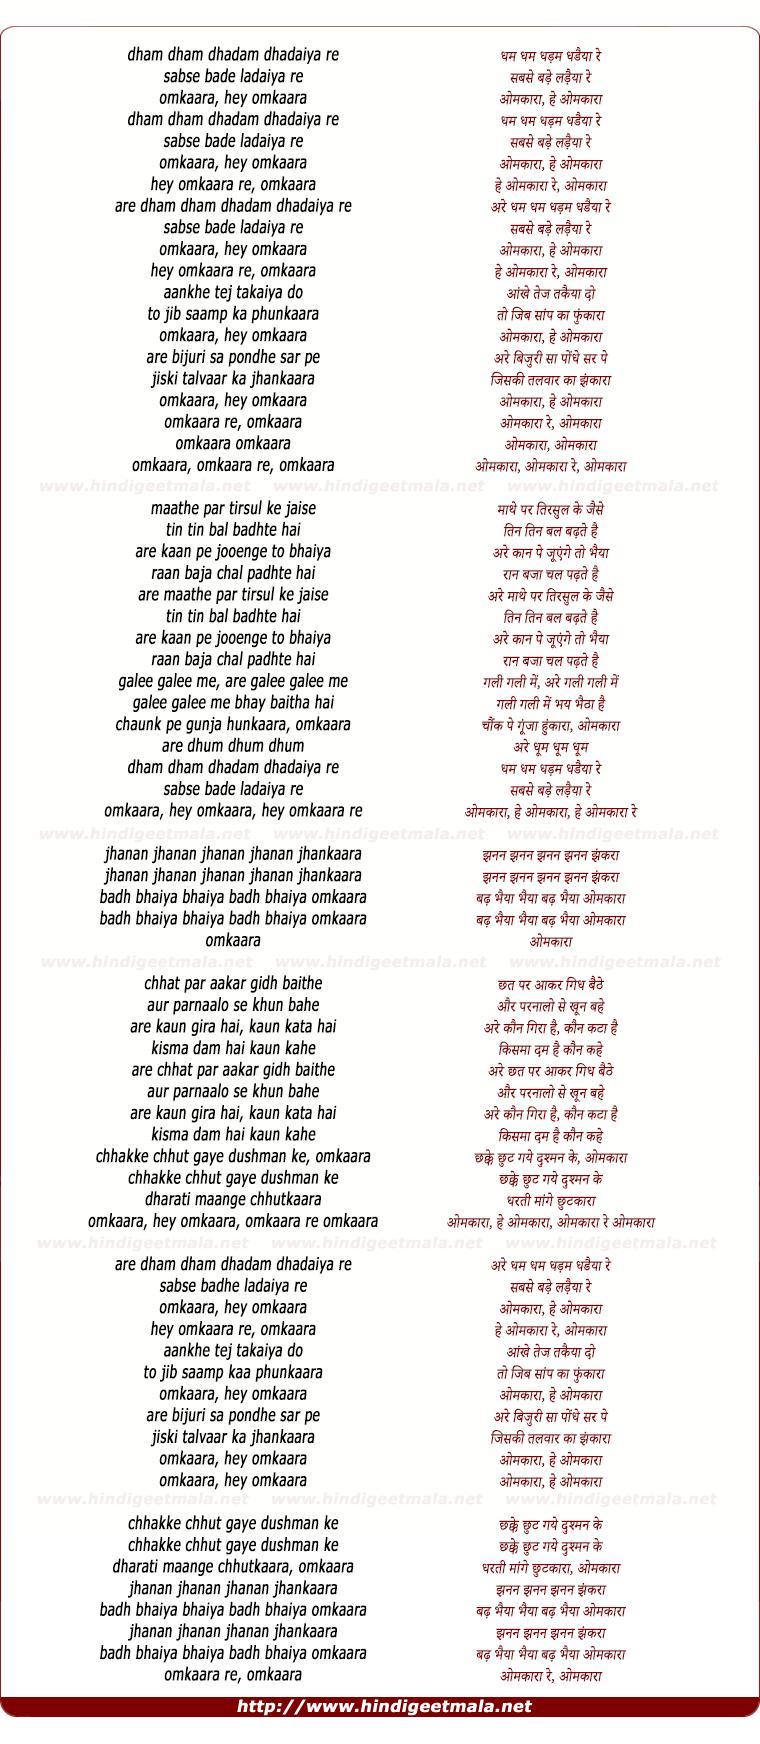 lyrics of song Dham Dham Dhadam Dhadaiya Re, Sabse Bade Ladaiya Re